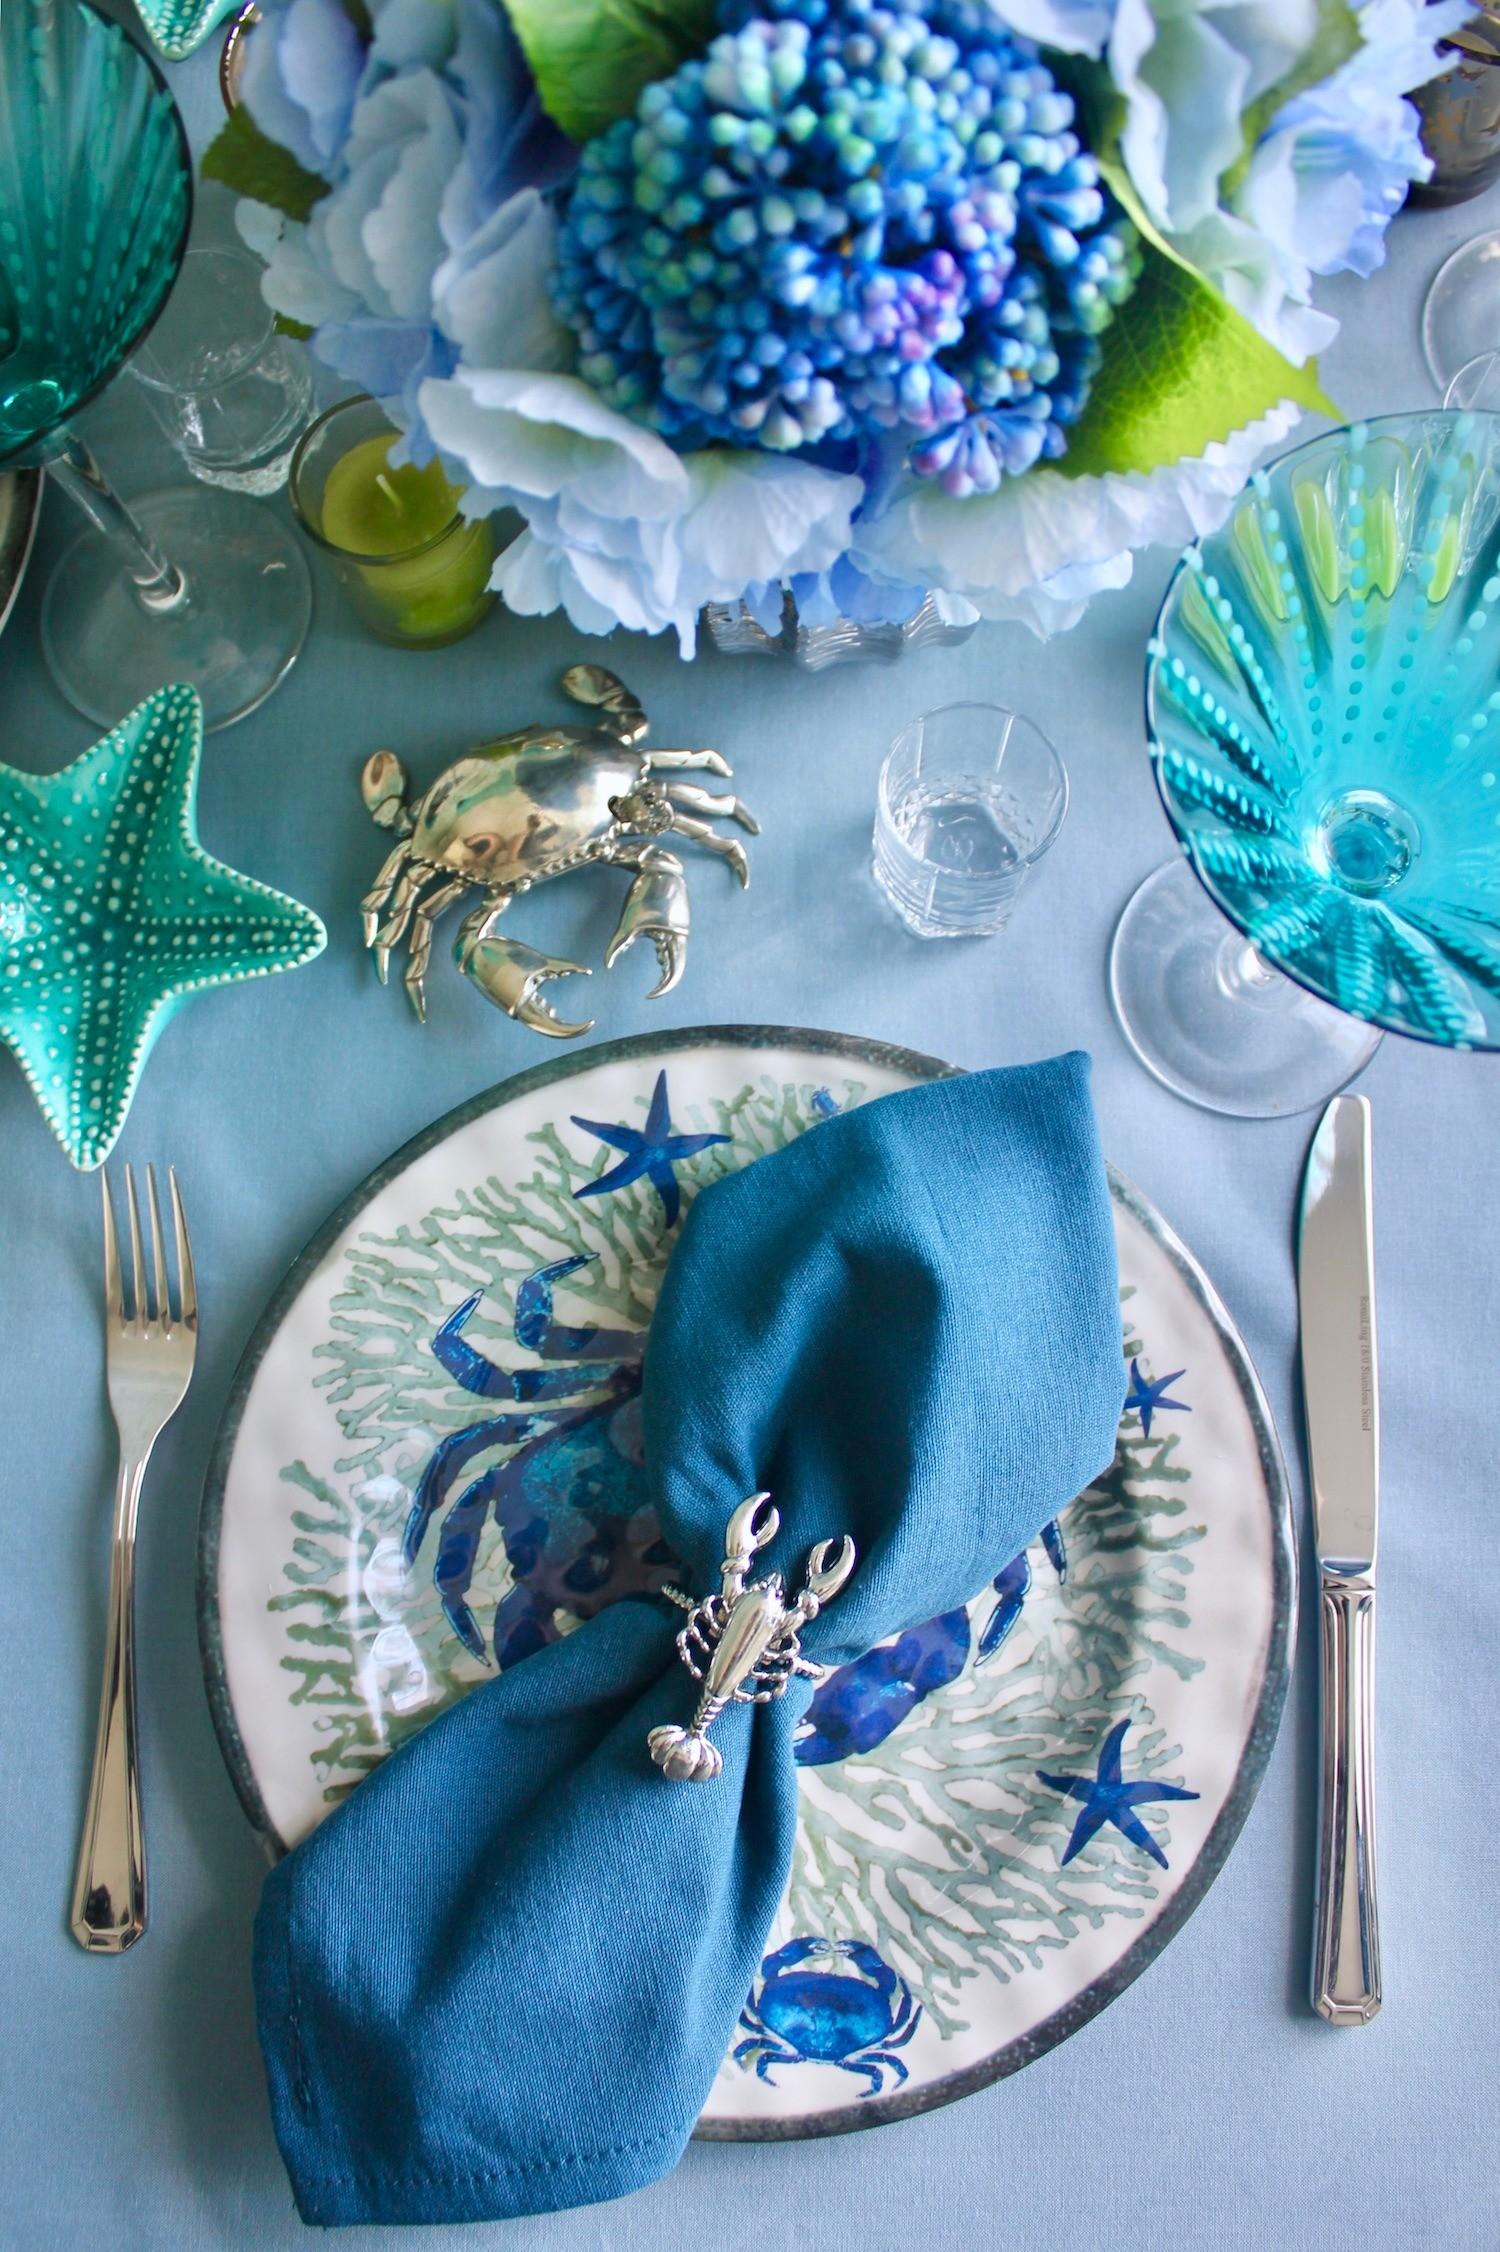 Жизнерадостный интерьер кухни-столовой: обои, люстра и фартук с летними мотивами